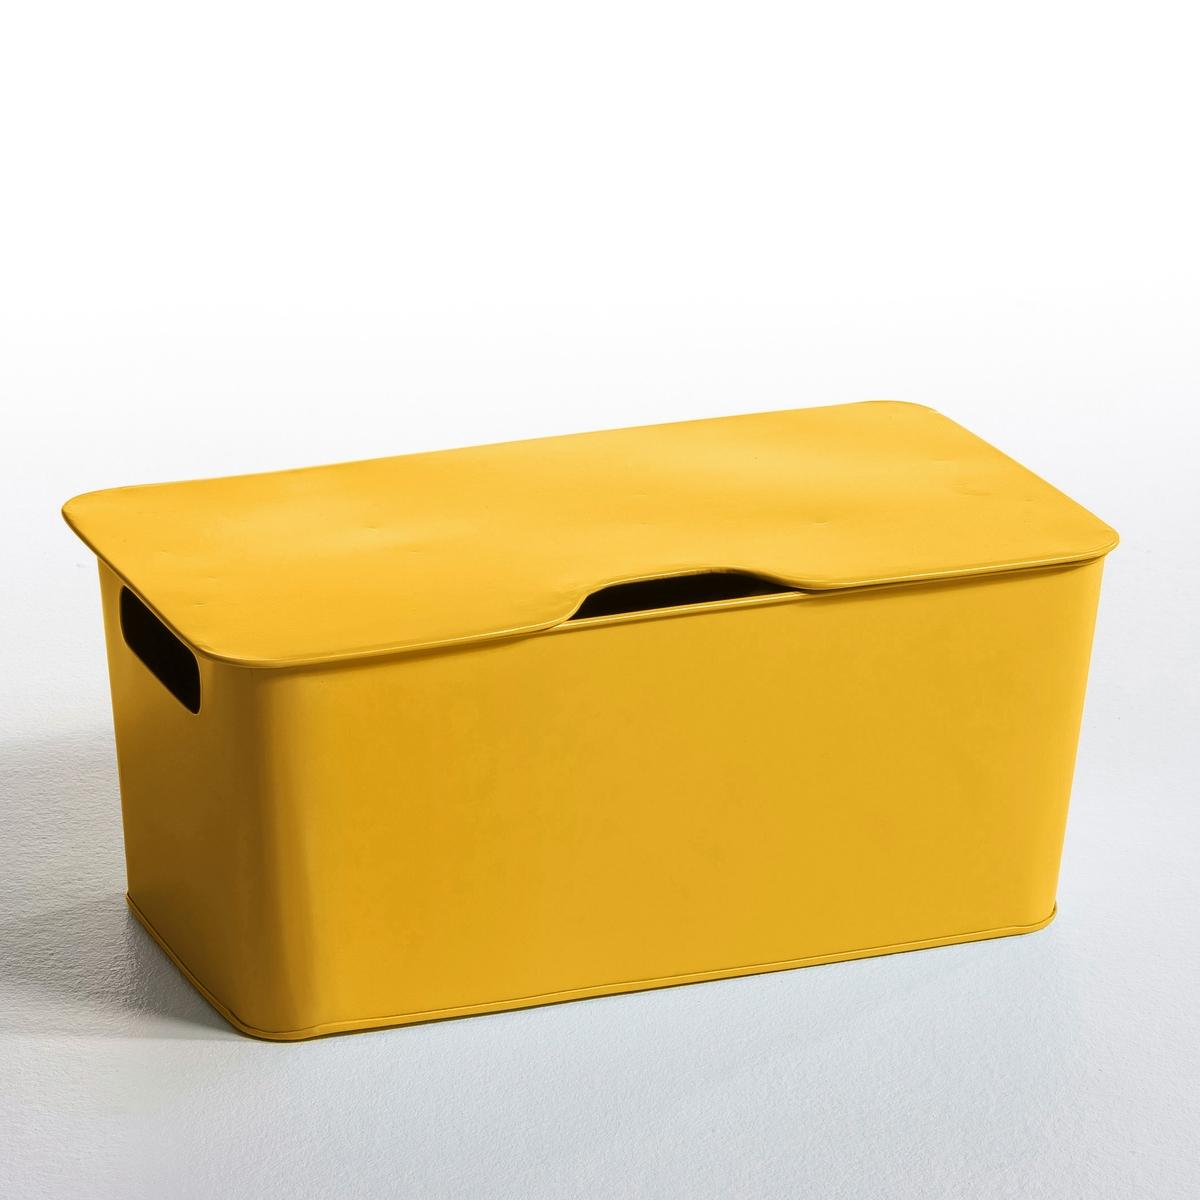 шкаф la redoute lindley единый размер каштановый Ящик La Redoute La Redoute единый размер каштановый